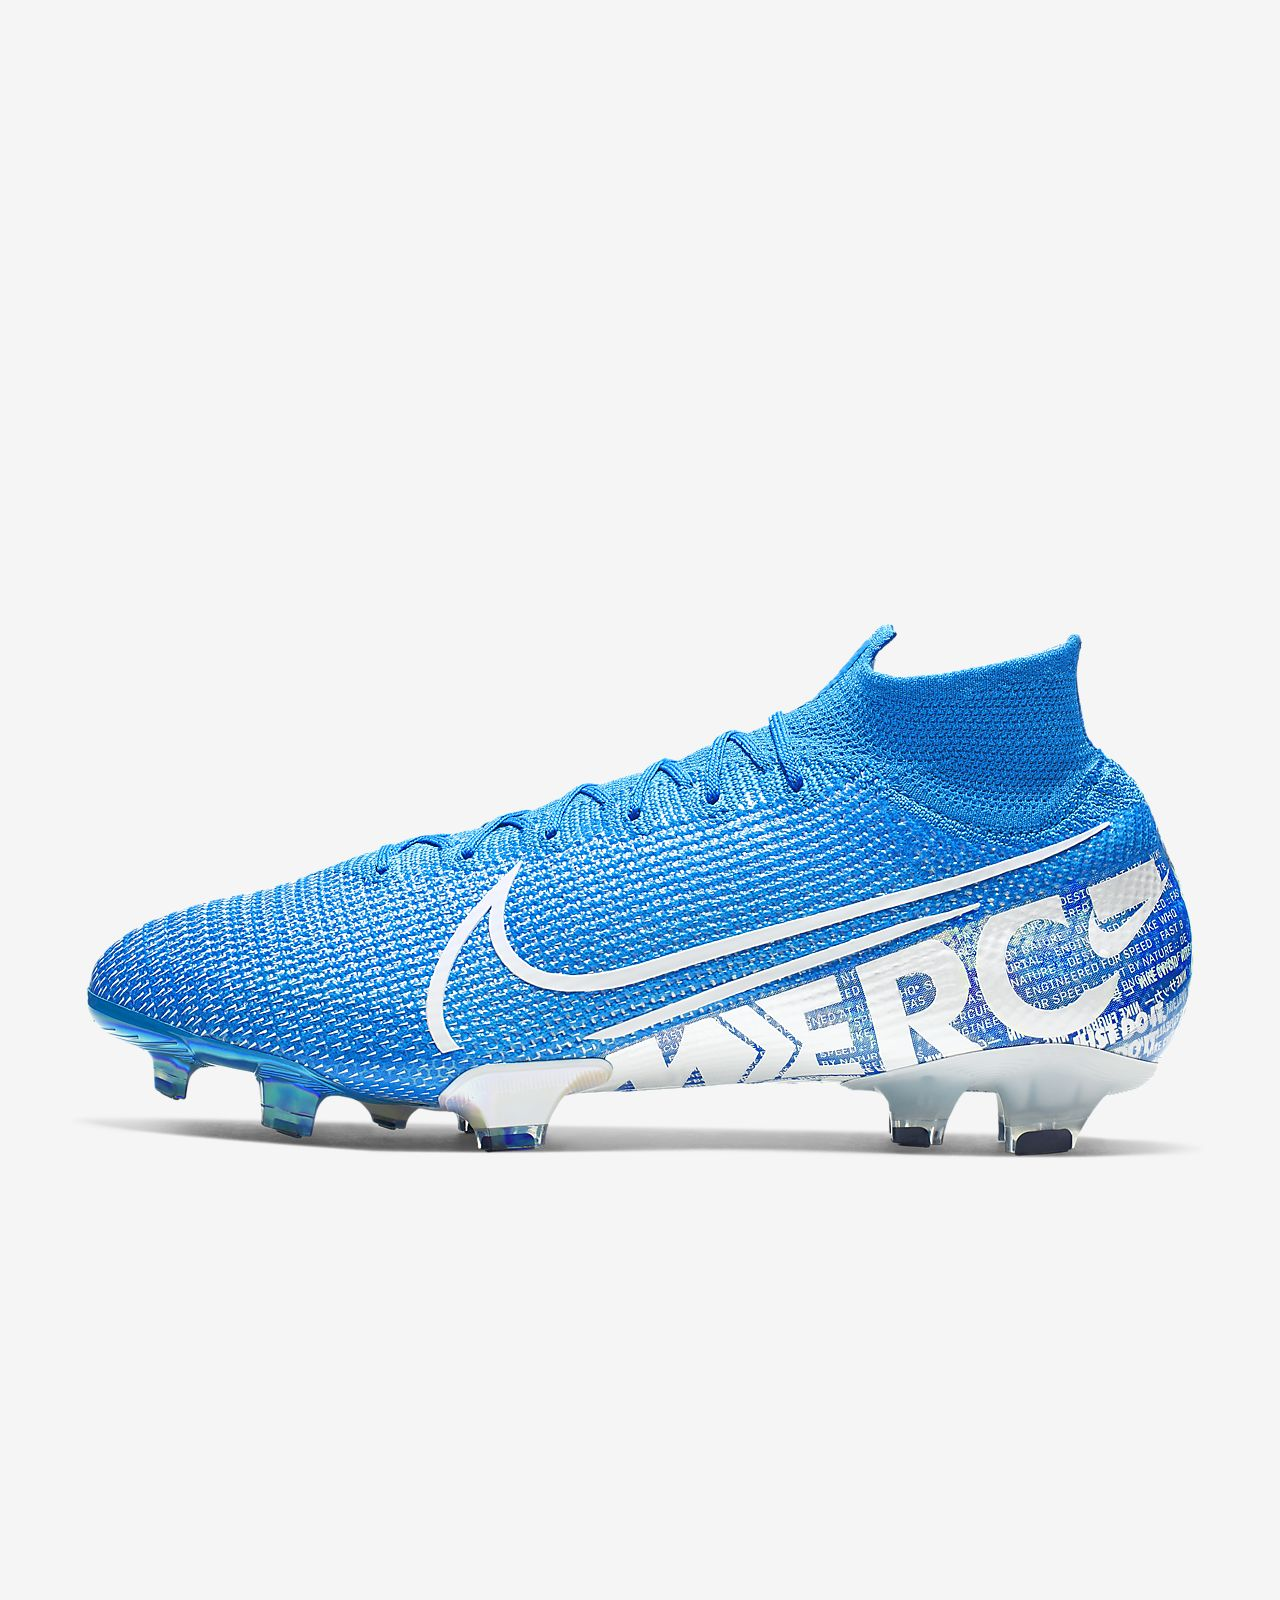 Nike Mercurial Superfly 7 Elite FG Voetbalschoen (stevige ondergrond)